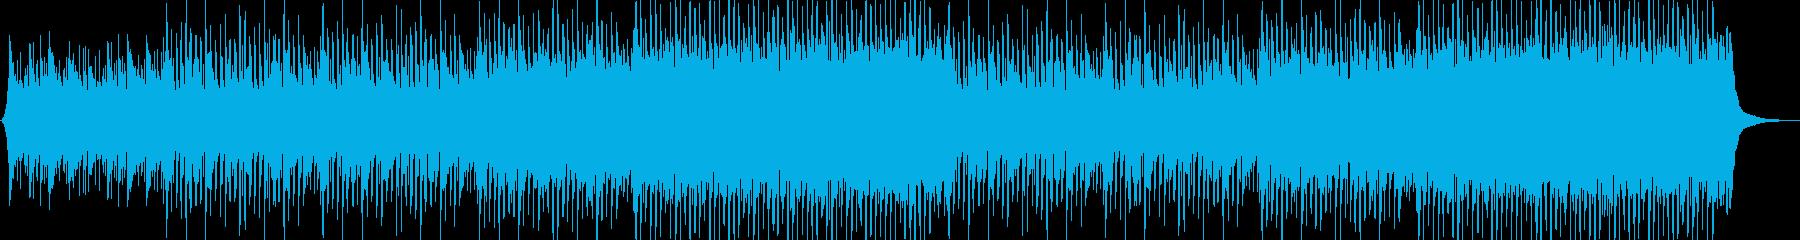 企業VP系113、爽やかギター4つ打ちaの再生済みの波形